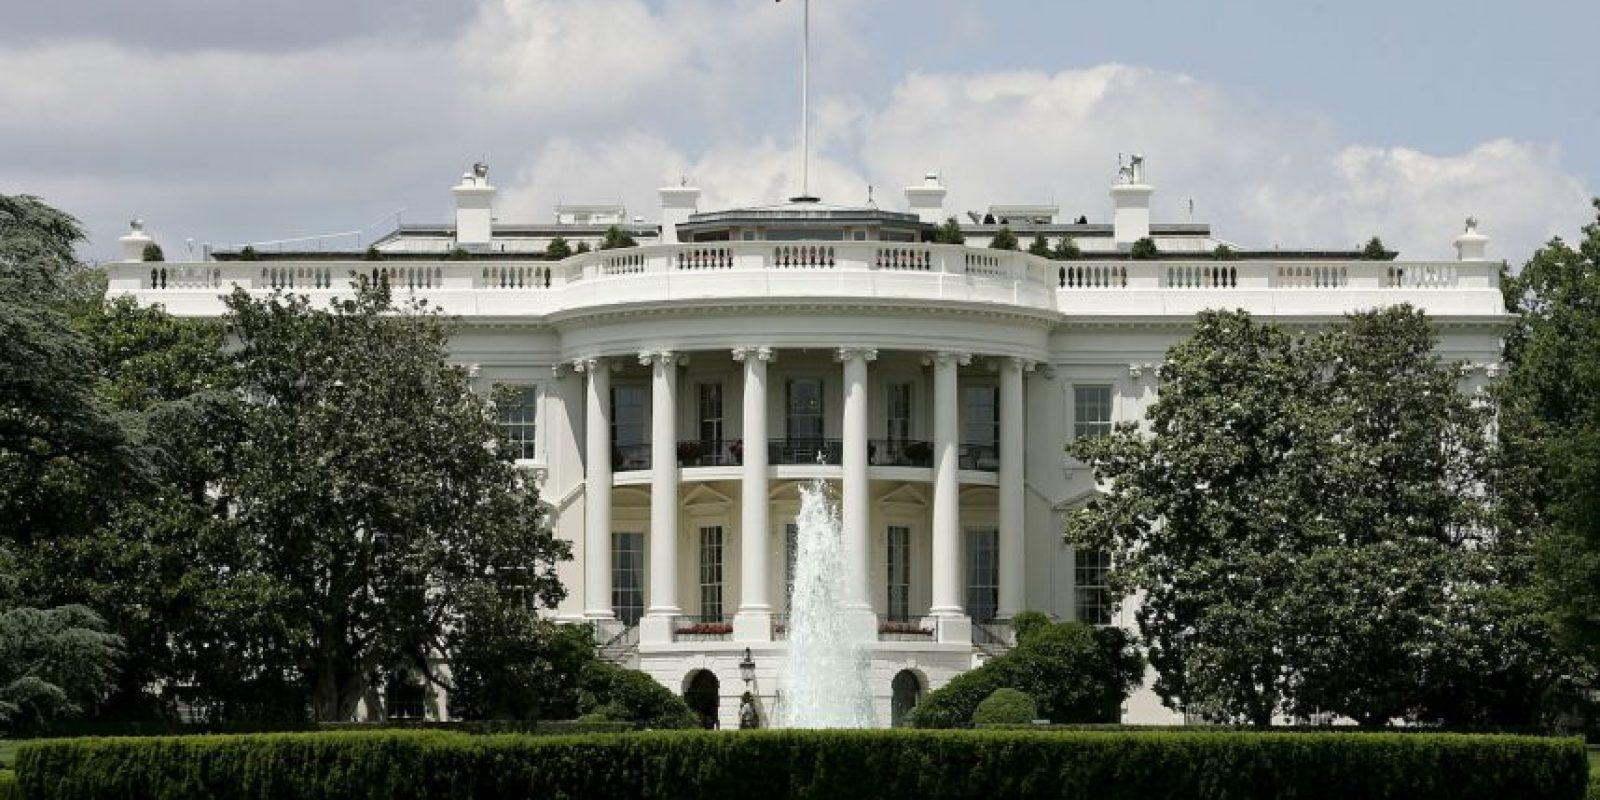 Estados Unidos busco medidas de seguridad contra cualquier atentado que se presente en las celebraciones del 4 de julio. Foto:Getty Images